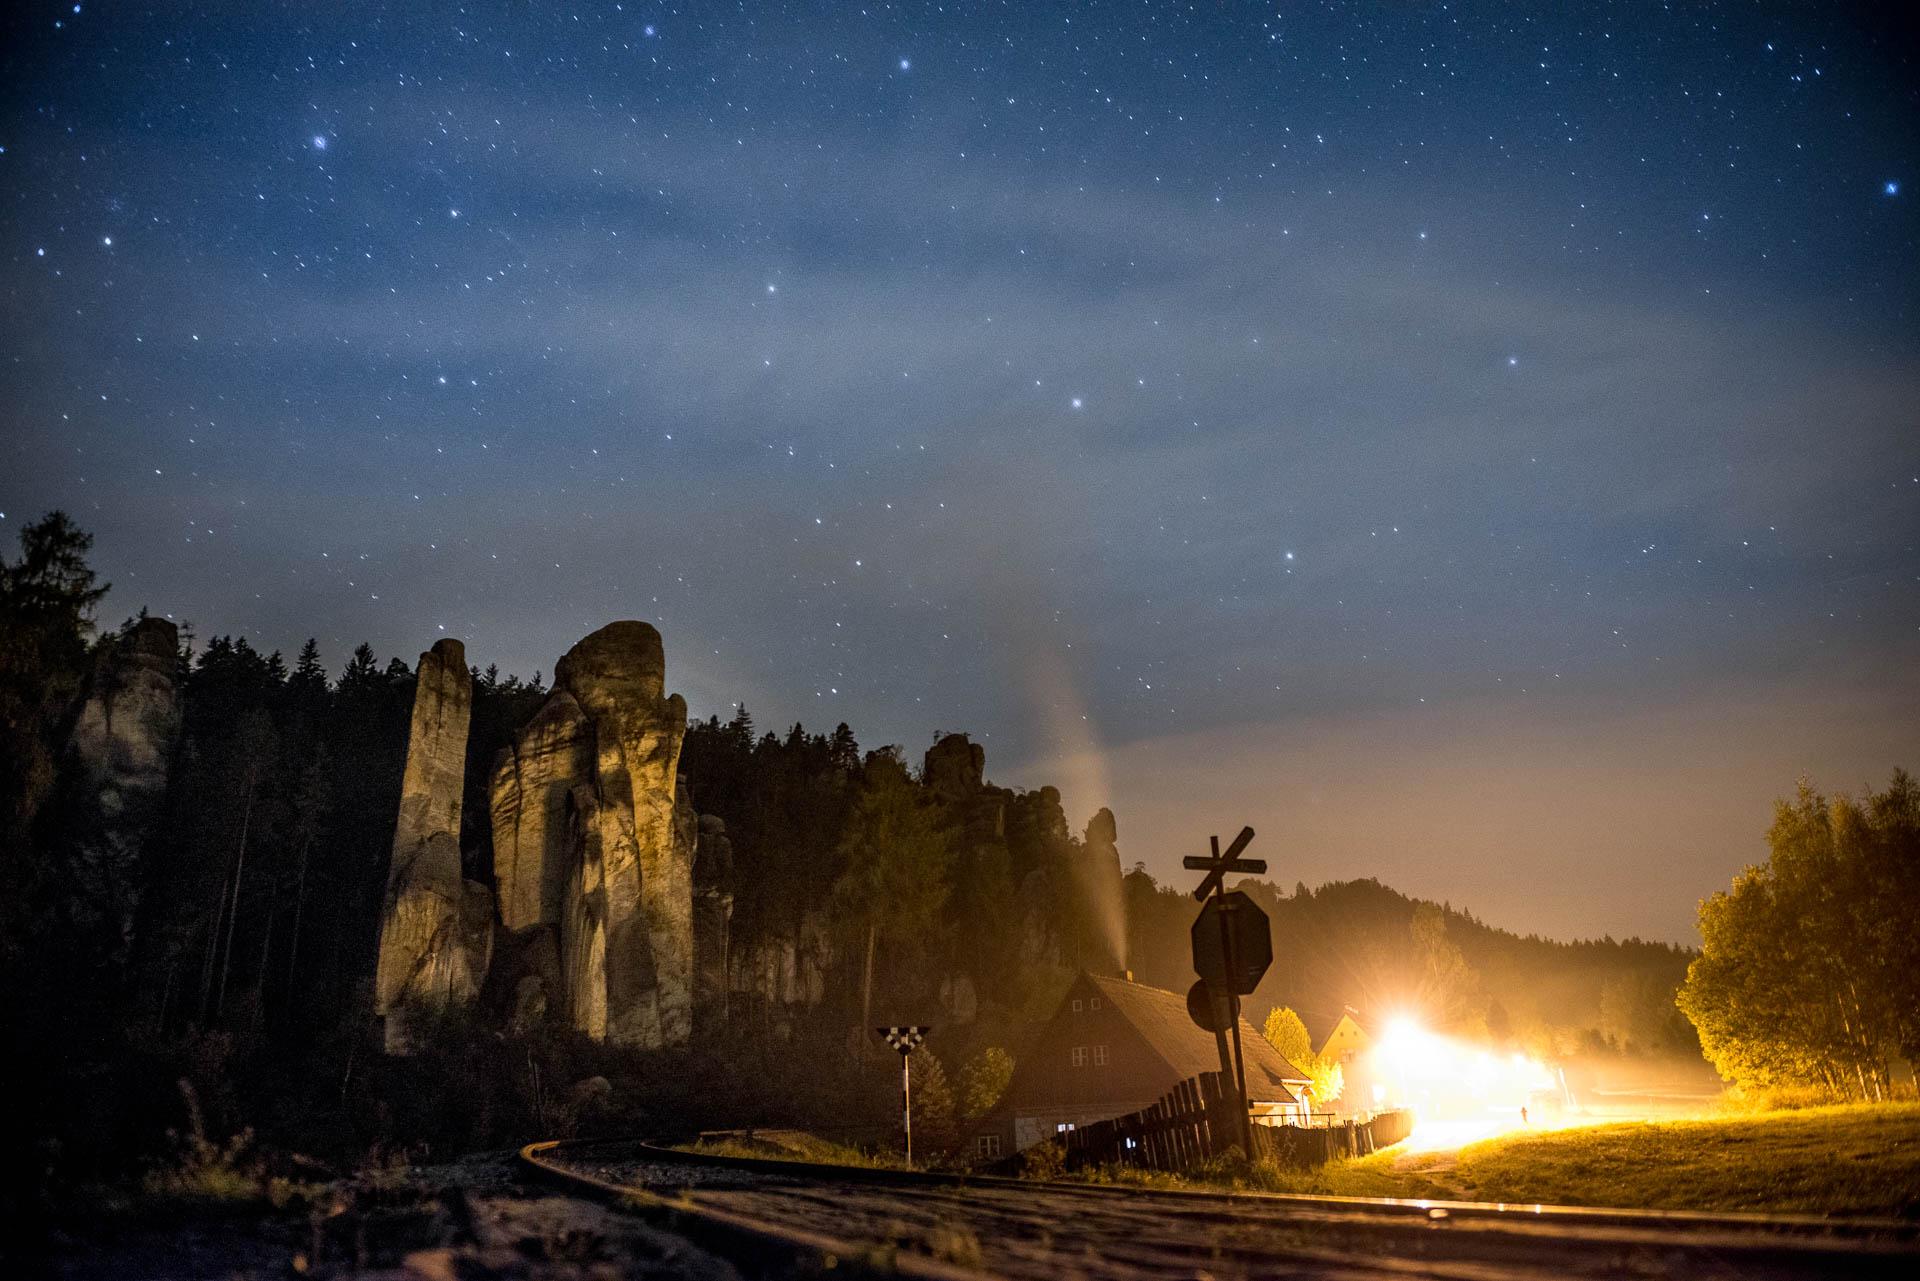 Adrspach Tsjechië bij nacht